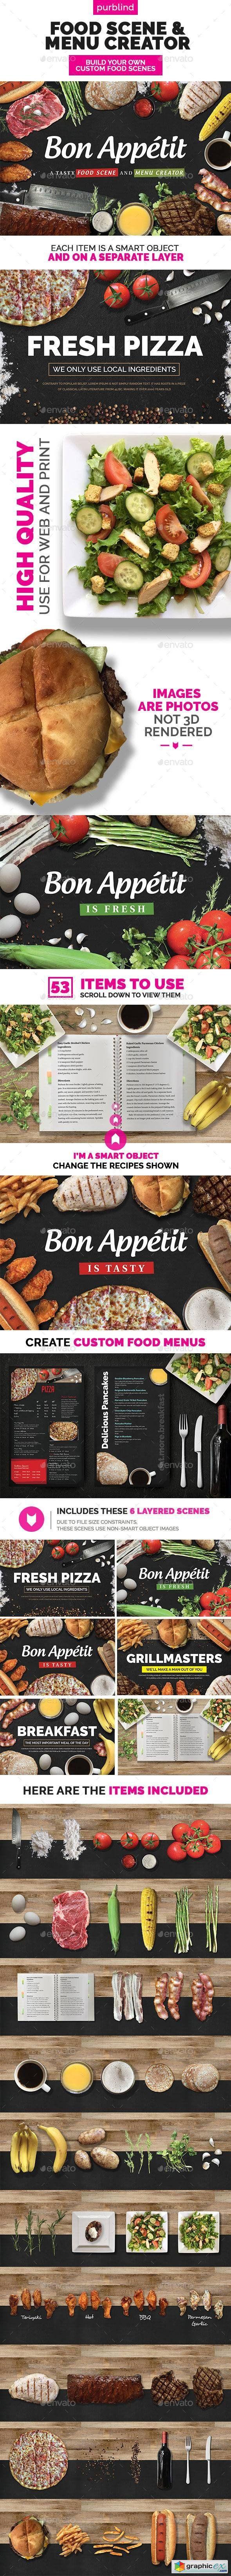 Food Scene Menu Creator (Bon Appetit)